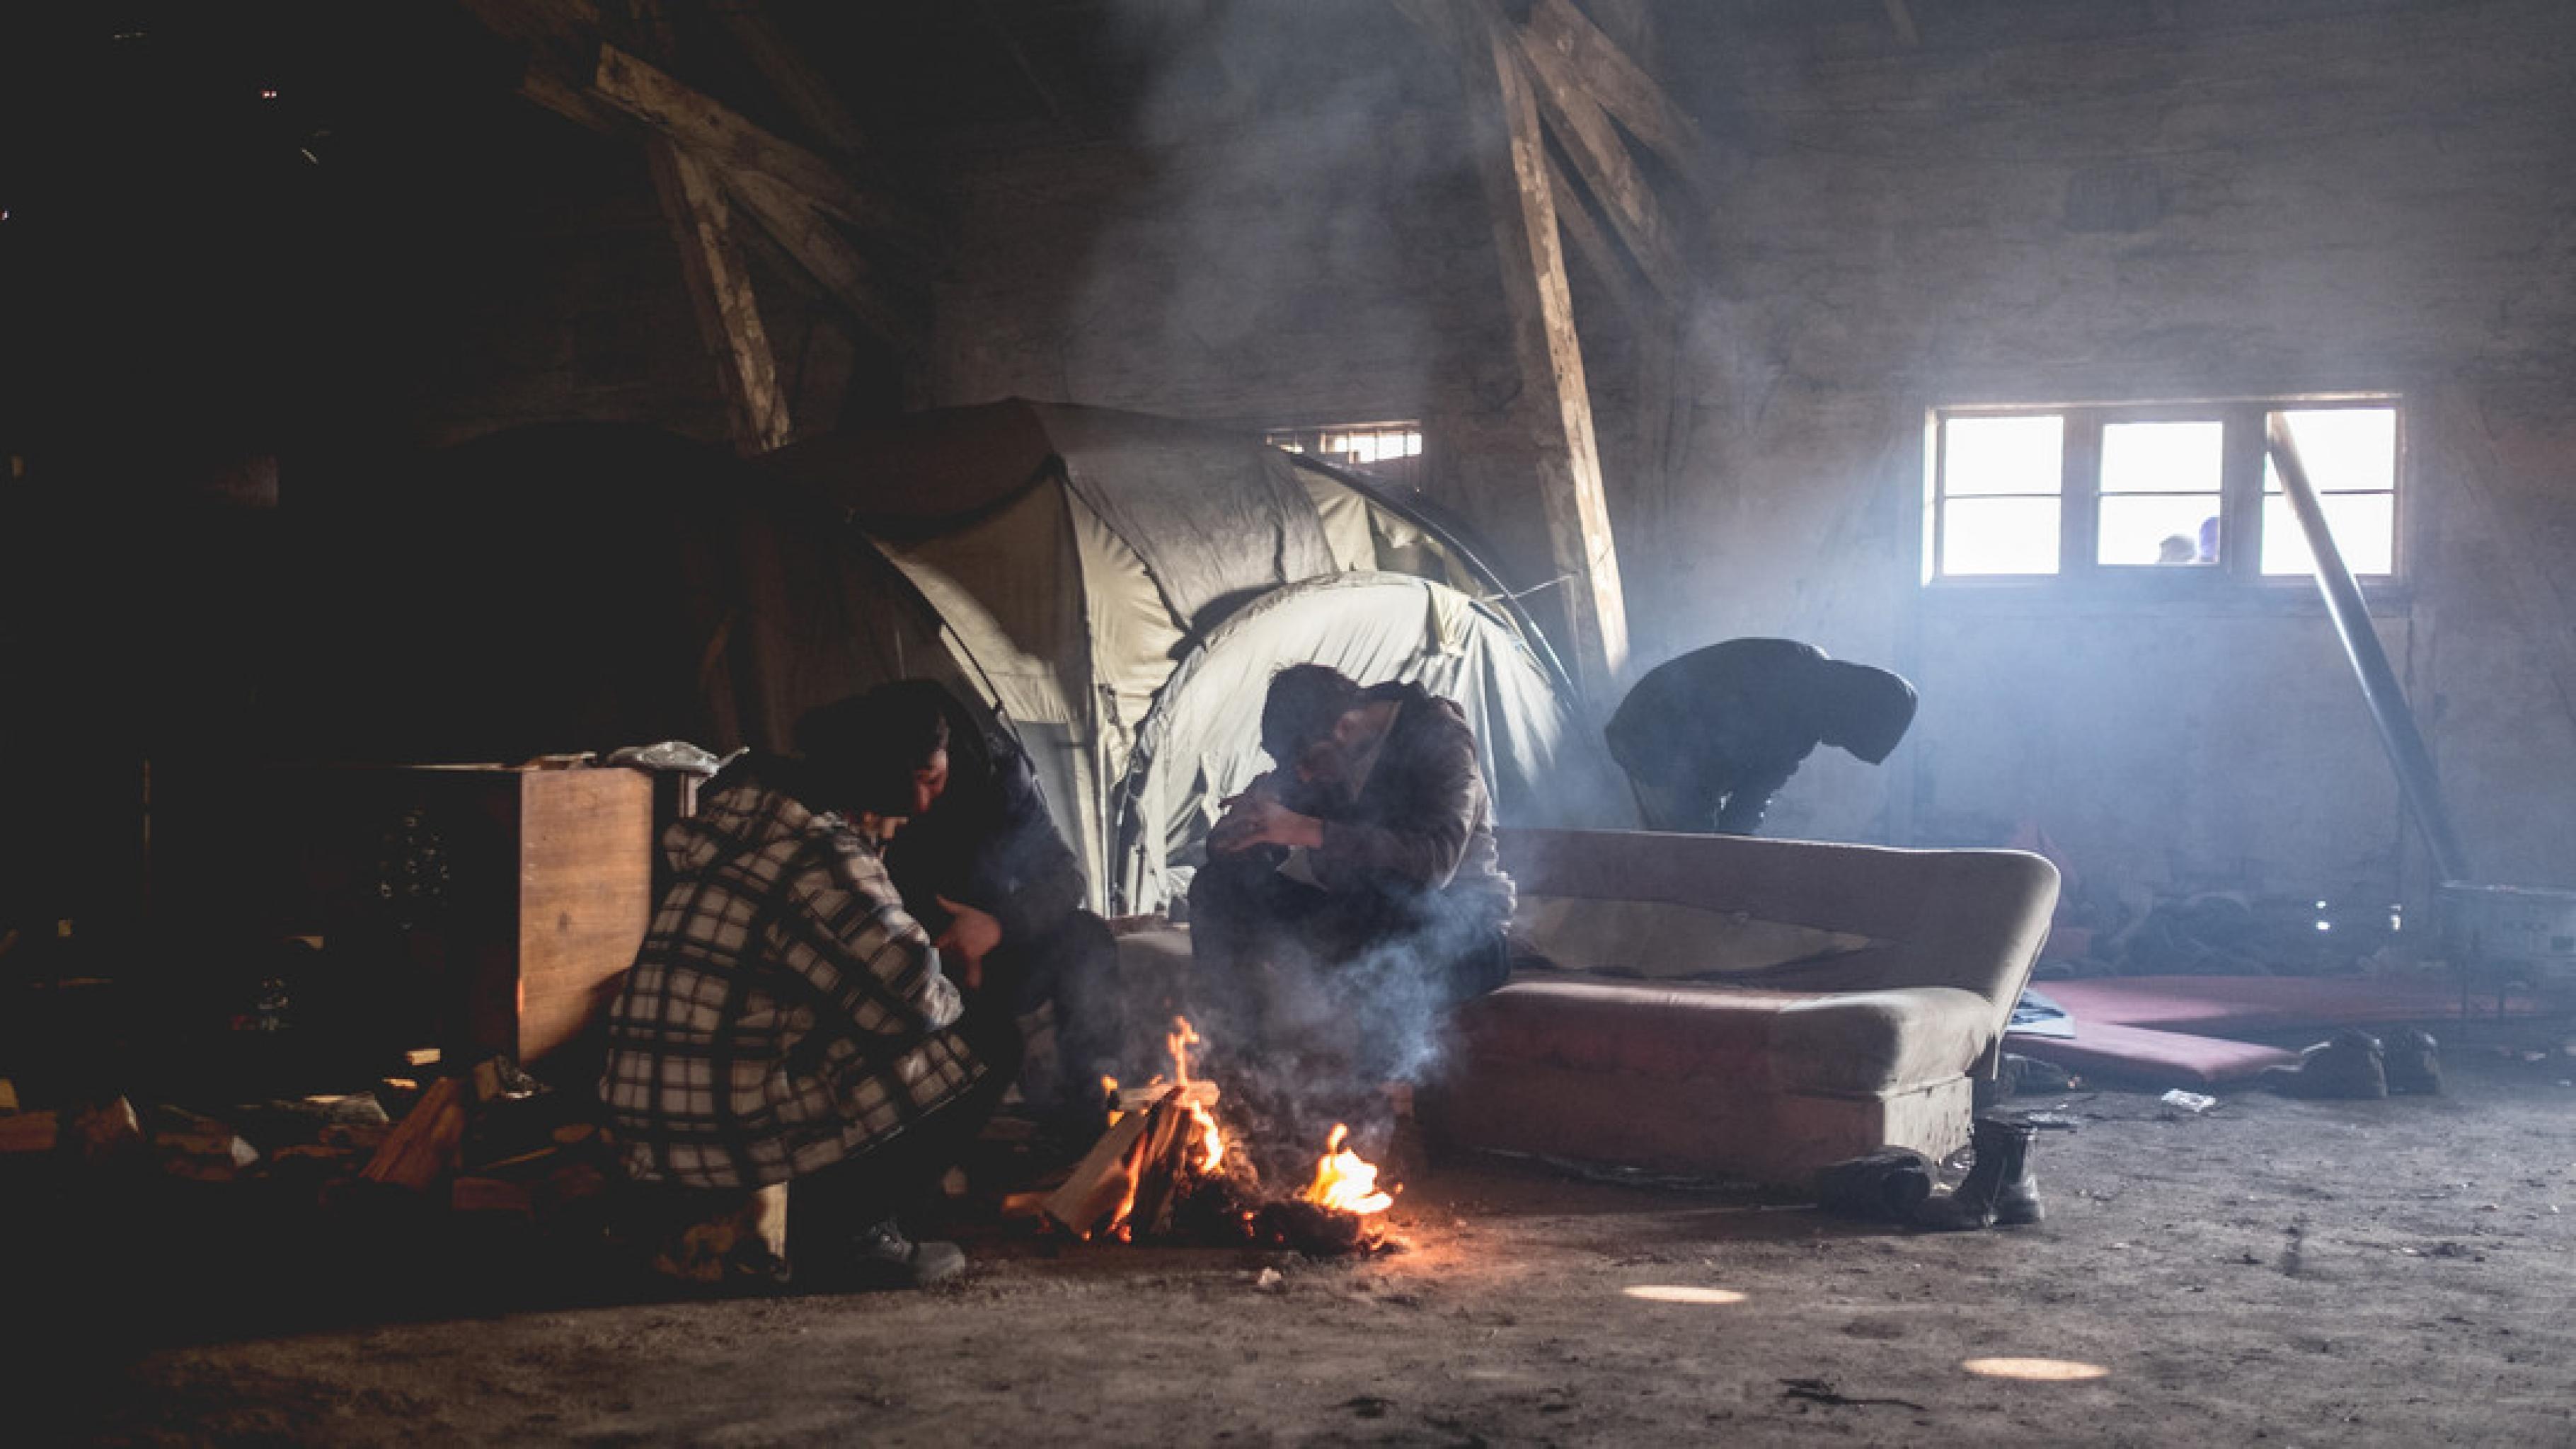 Balkan-Bericht: Menschen auf der Flucht sind kalten Temperaturen schutzlos ausgesetzt